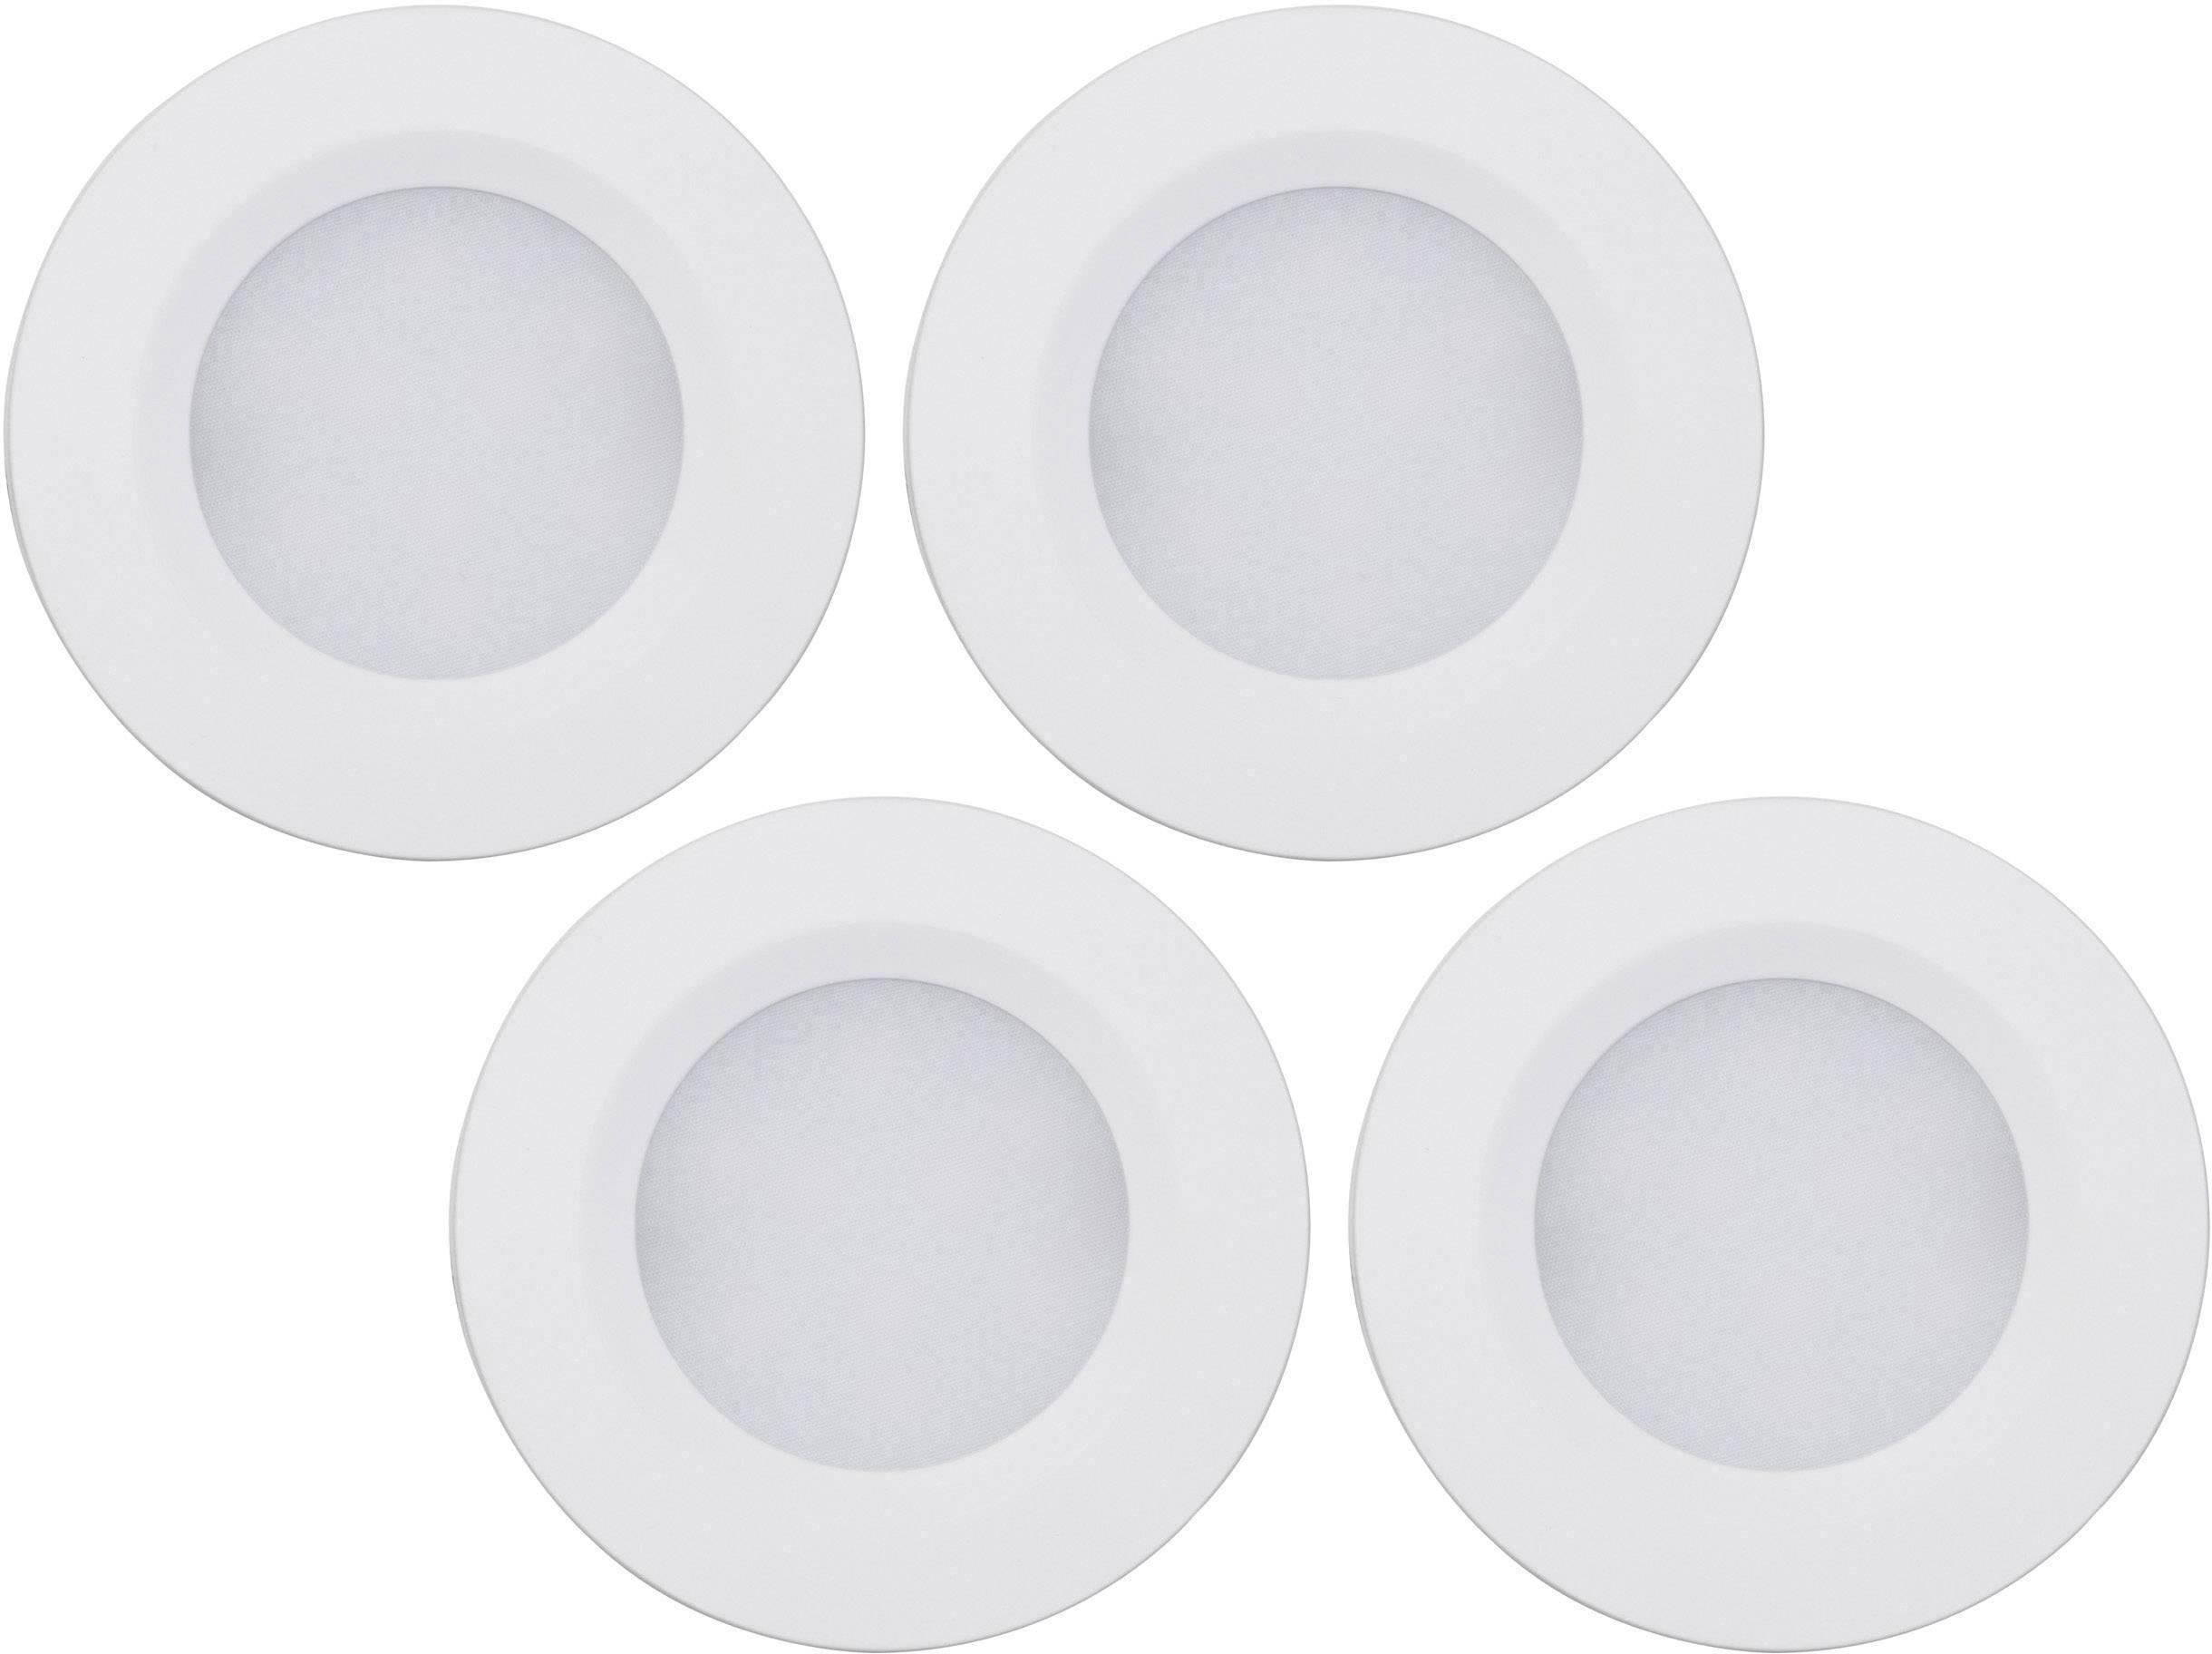 Nástěnné LED svítidlo Müller Licht, 57009, RGB, 4 kusy